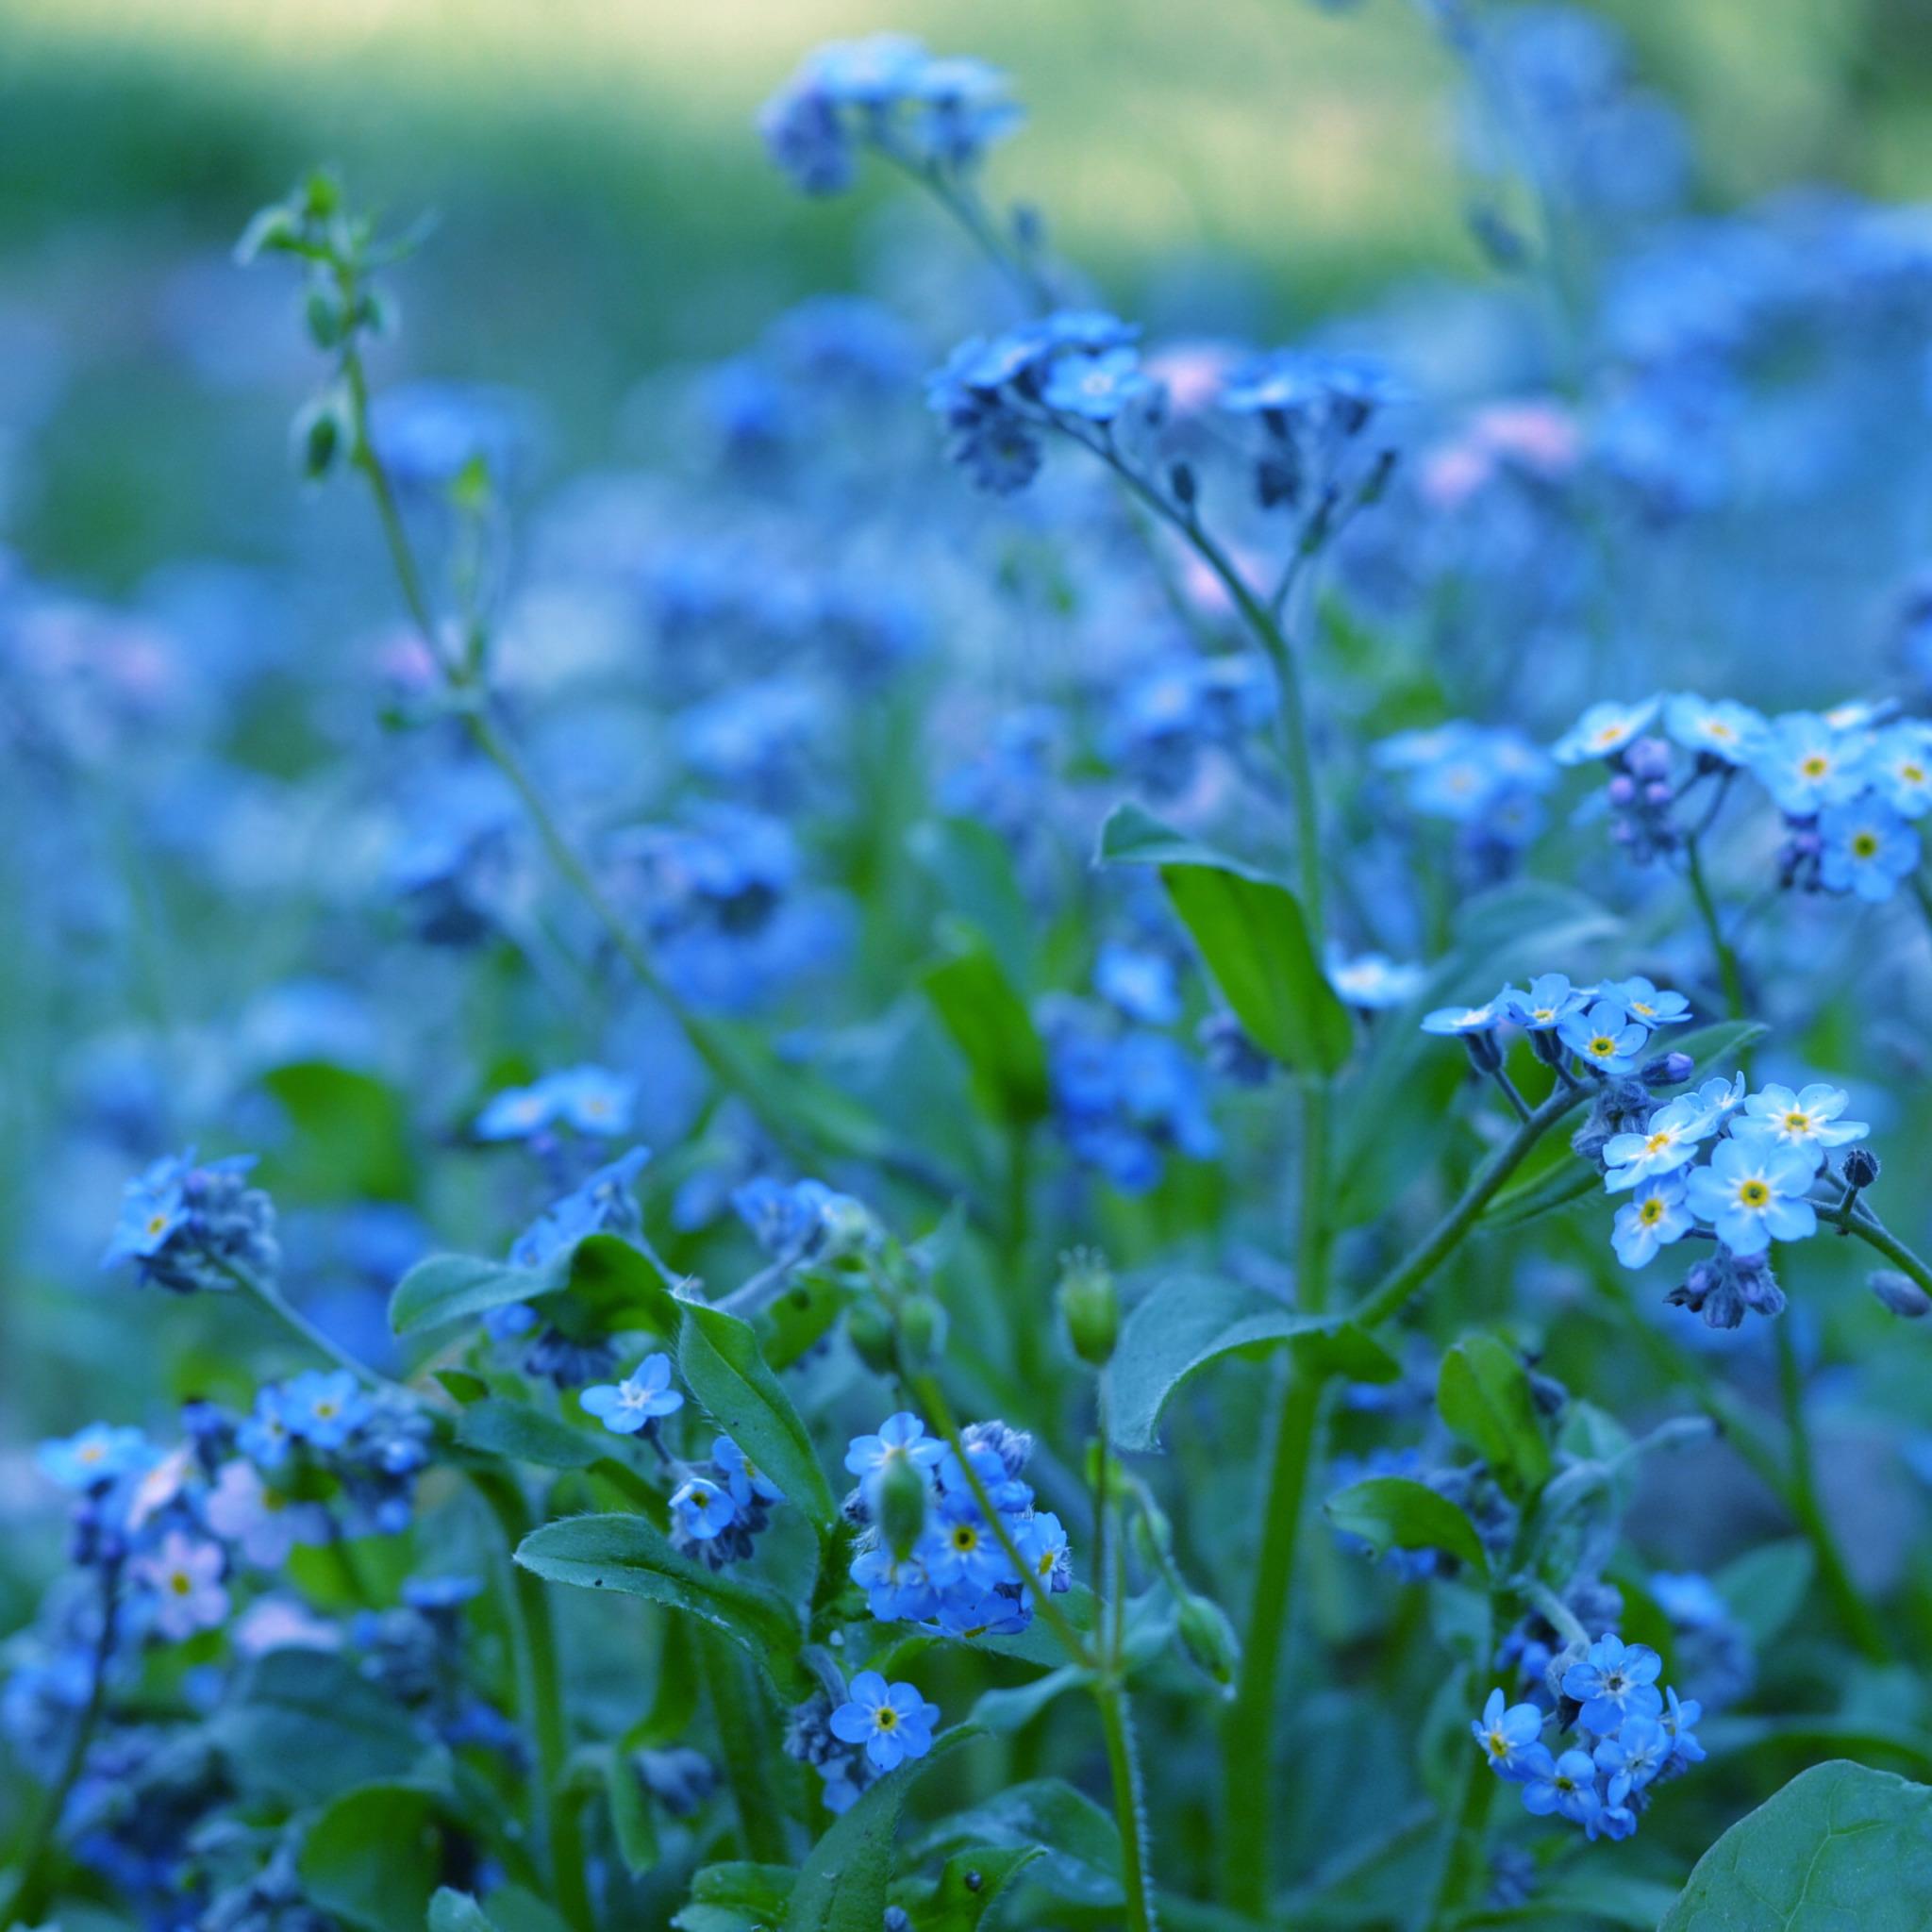 синие цветы незабудки крупный план роса  № 2779641 загрузить